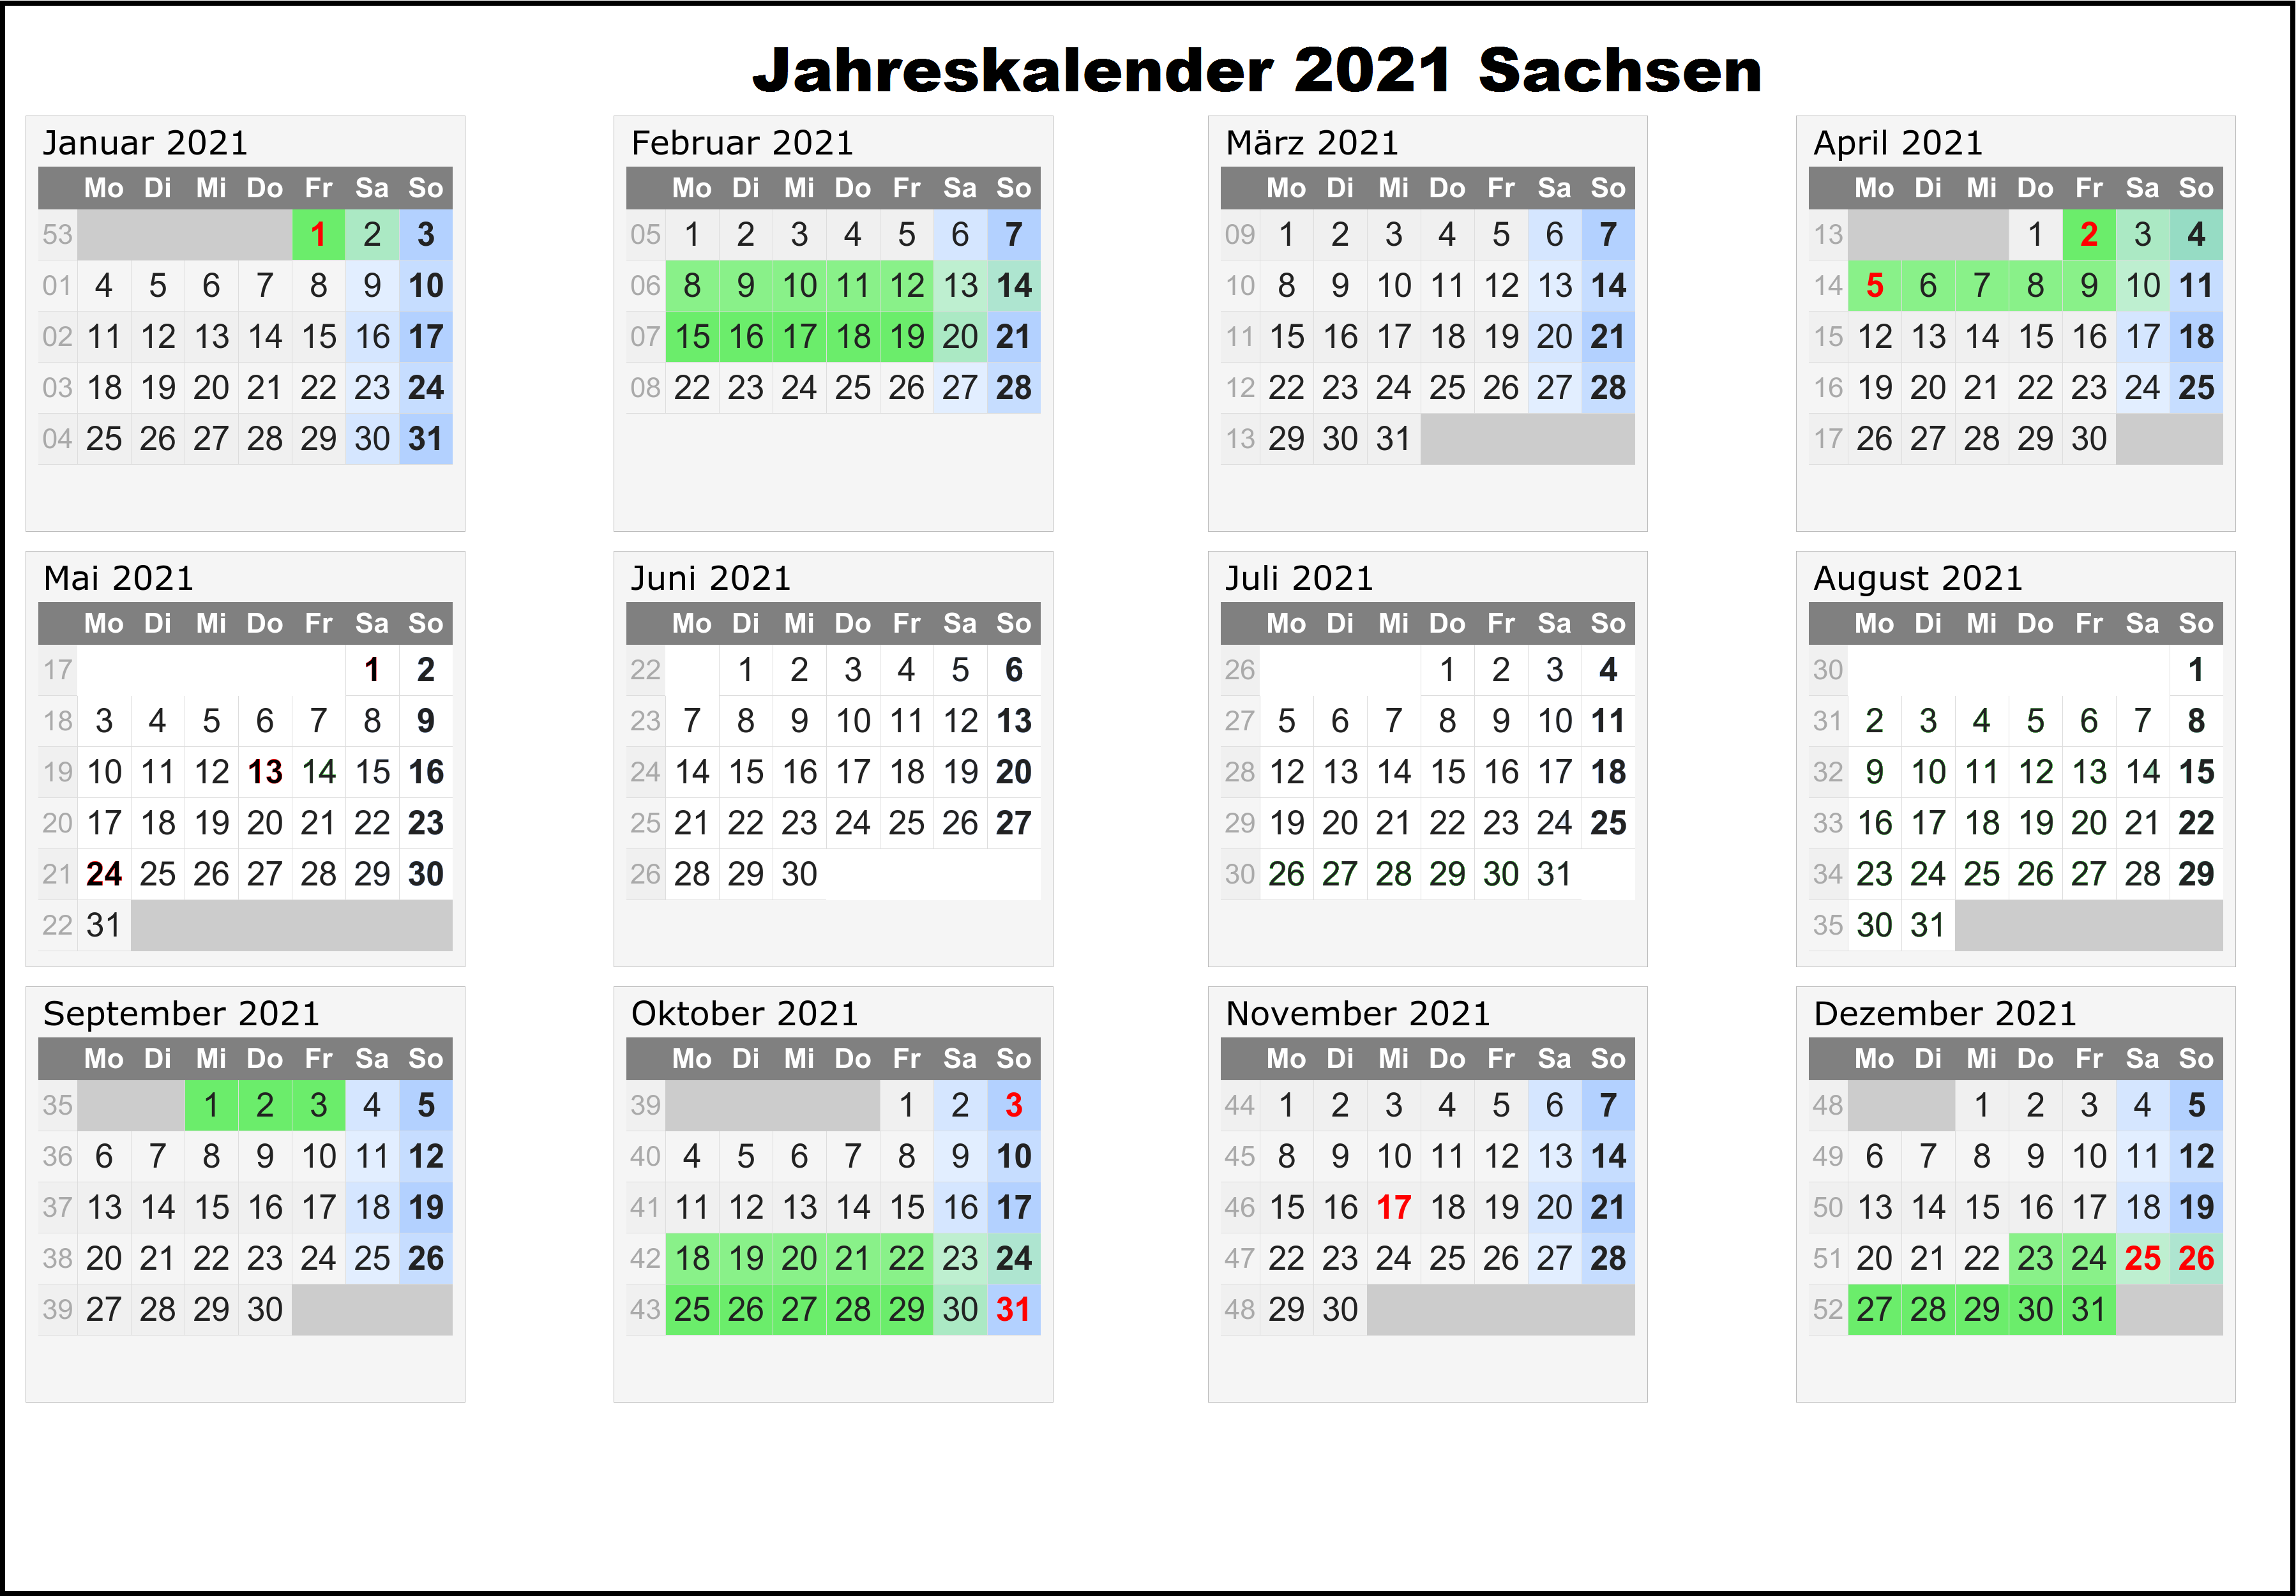 Jahreskalender 2021 Sachsen MitFeiertagen